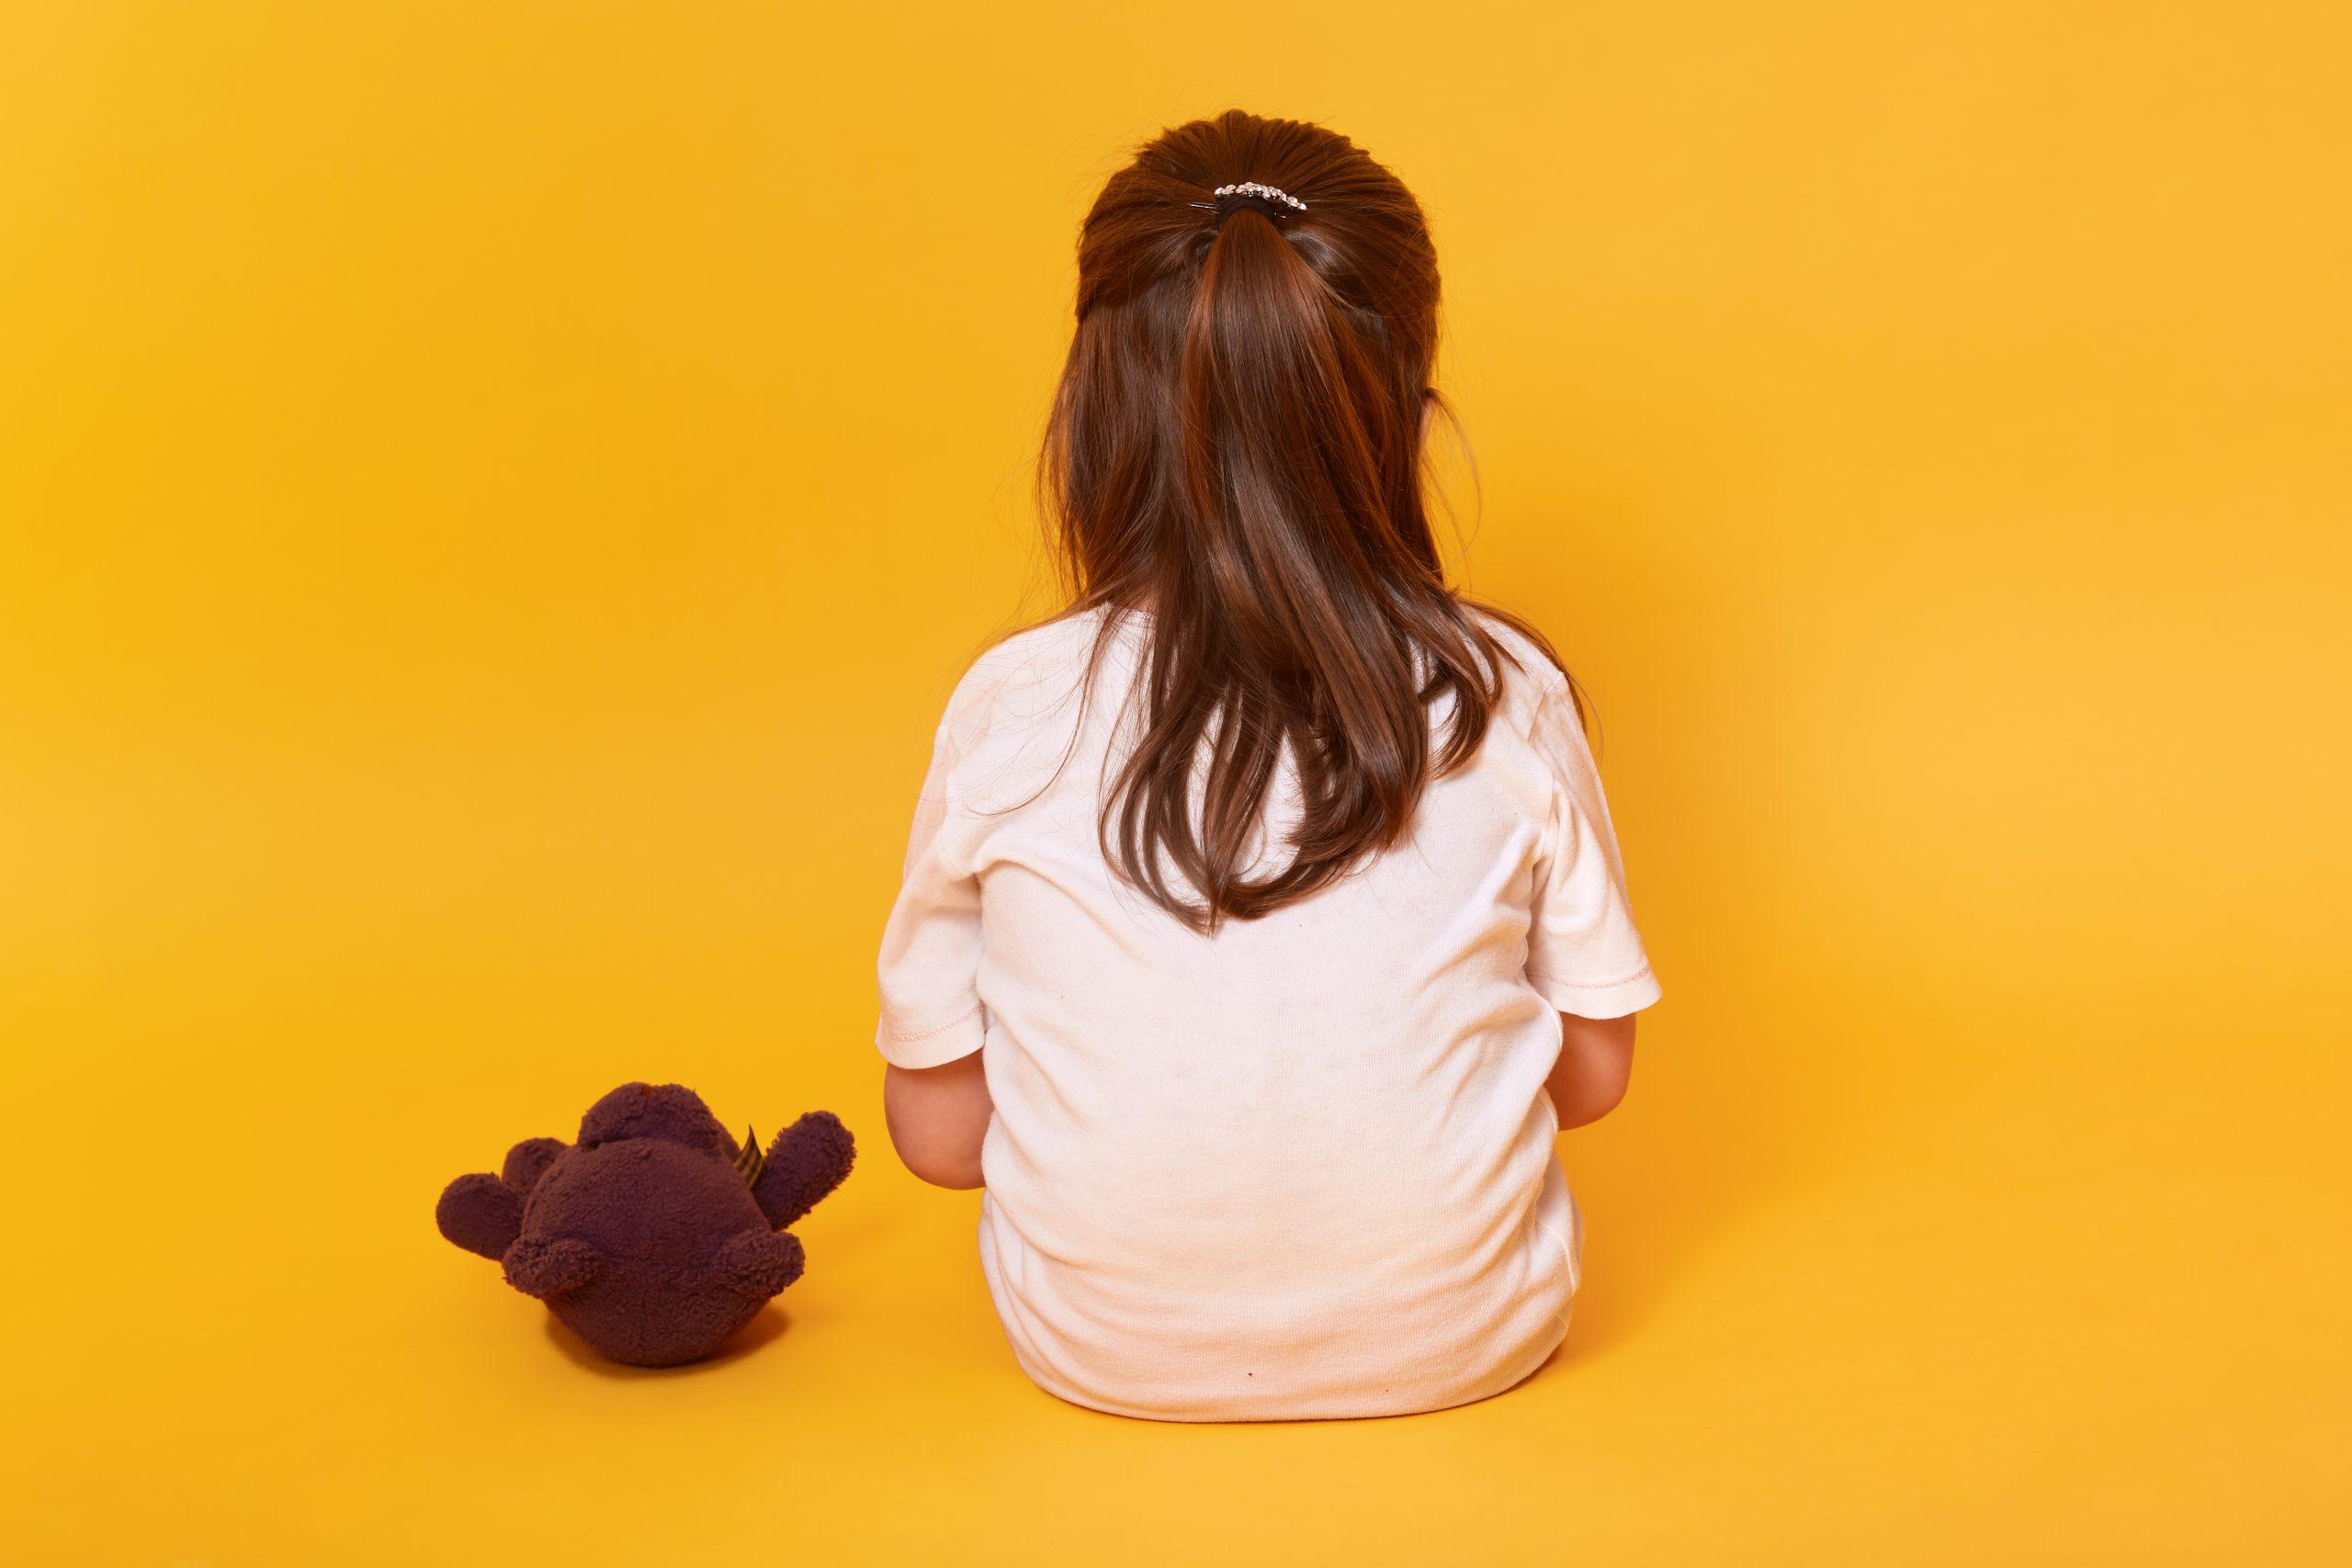 Programas de Fundación Tierra de Esperanza llaman a estar alerta a la Explotación Sexual Comercial en niños, niñas y adolescentes